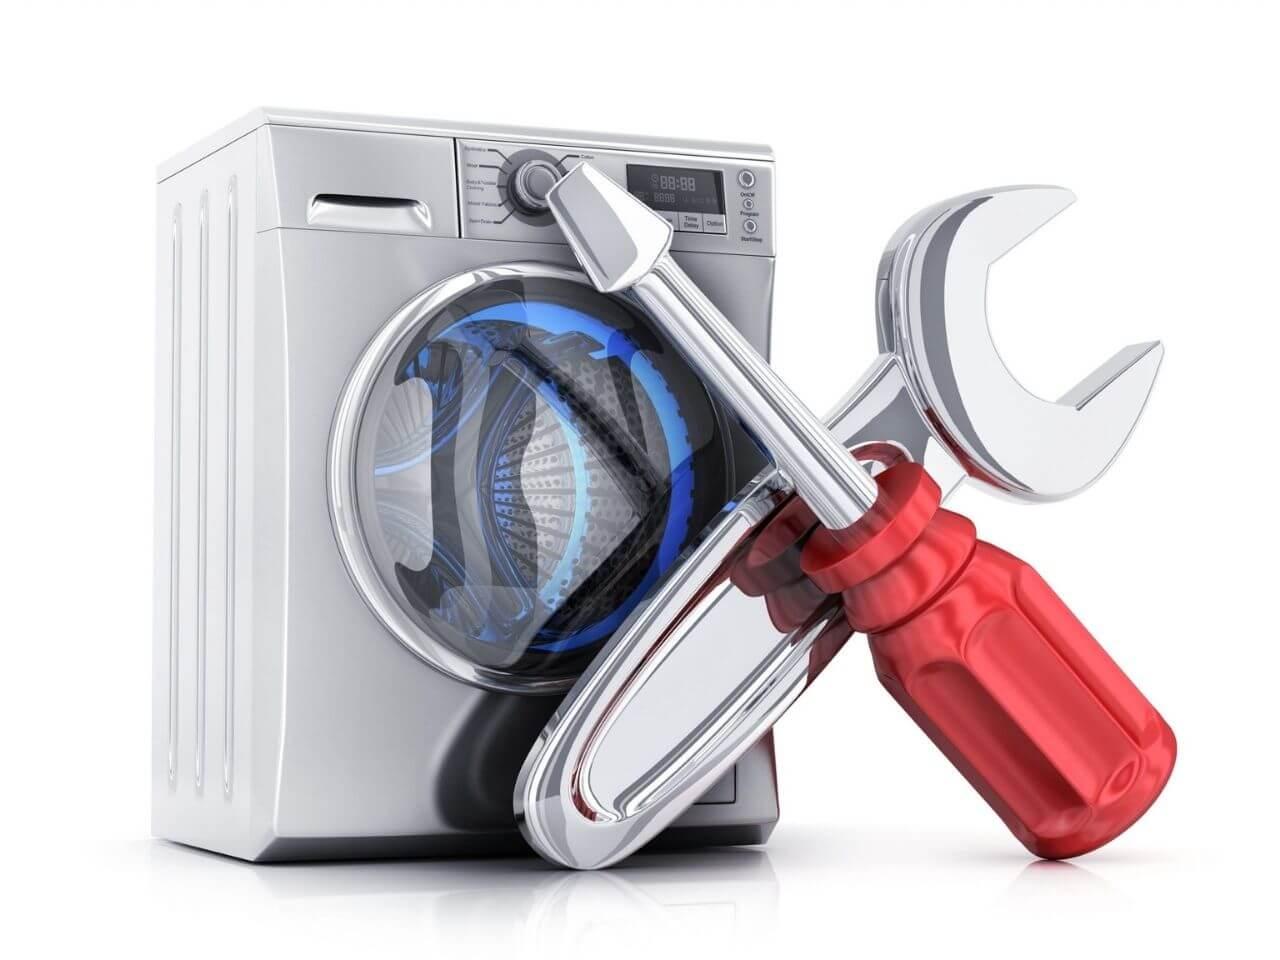 wasmachine monteur Amsterdam